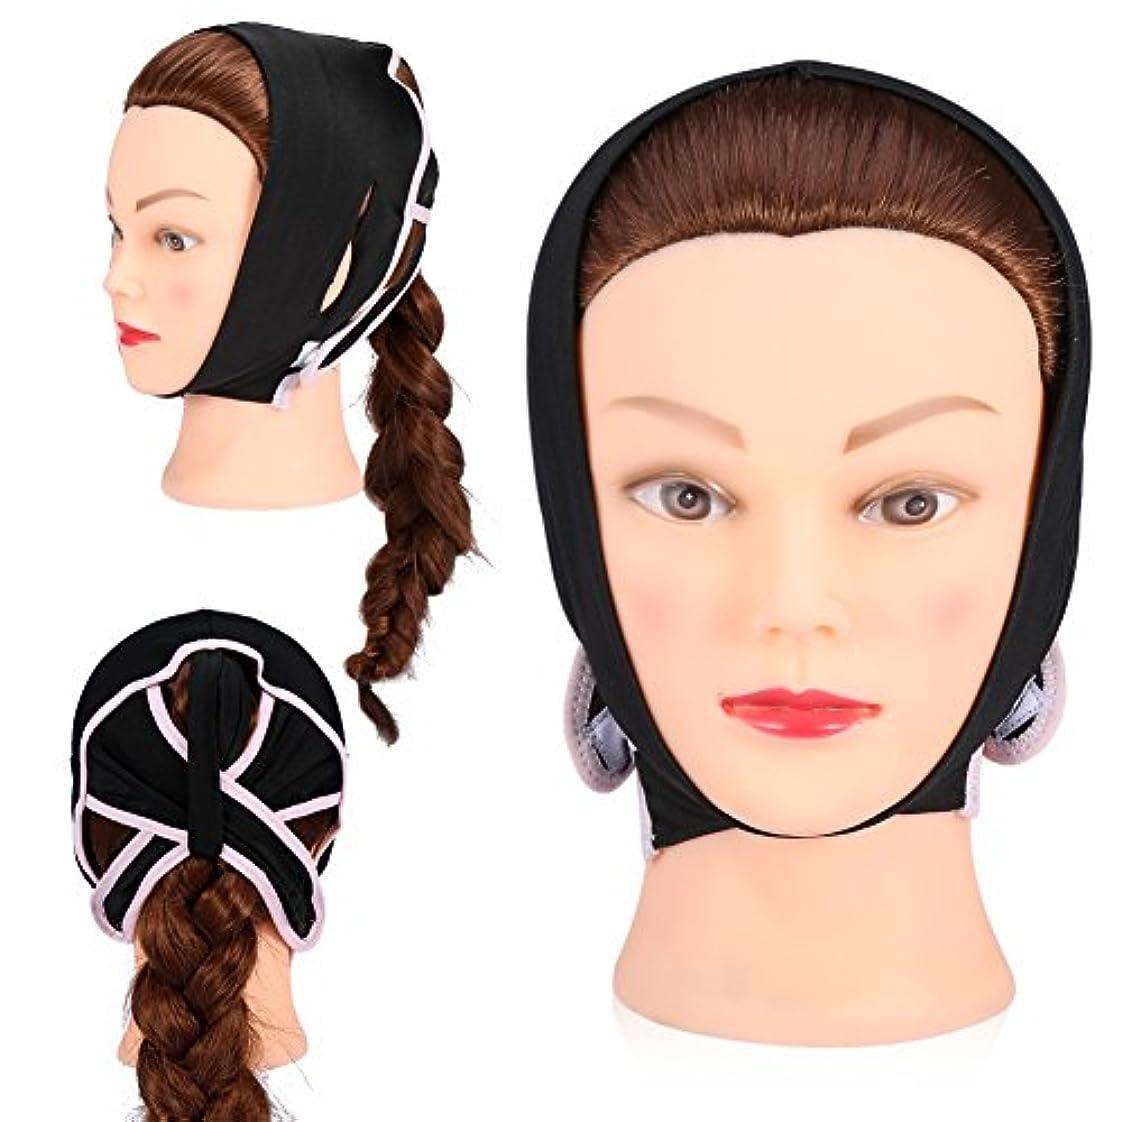 集まる拡張芝生顔 輪郭 改善 Vフェイス 美容包帯 首 頬 あご引き締めます(M)